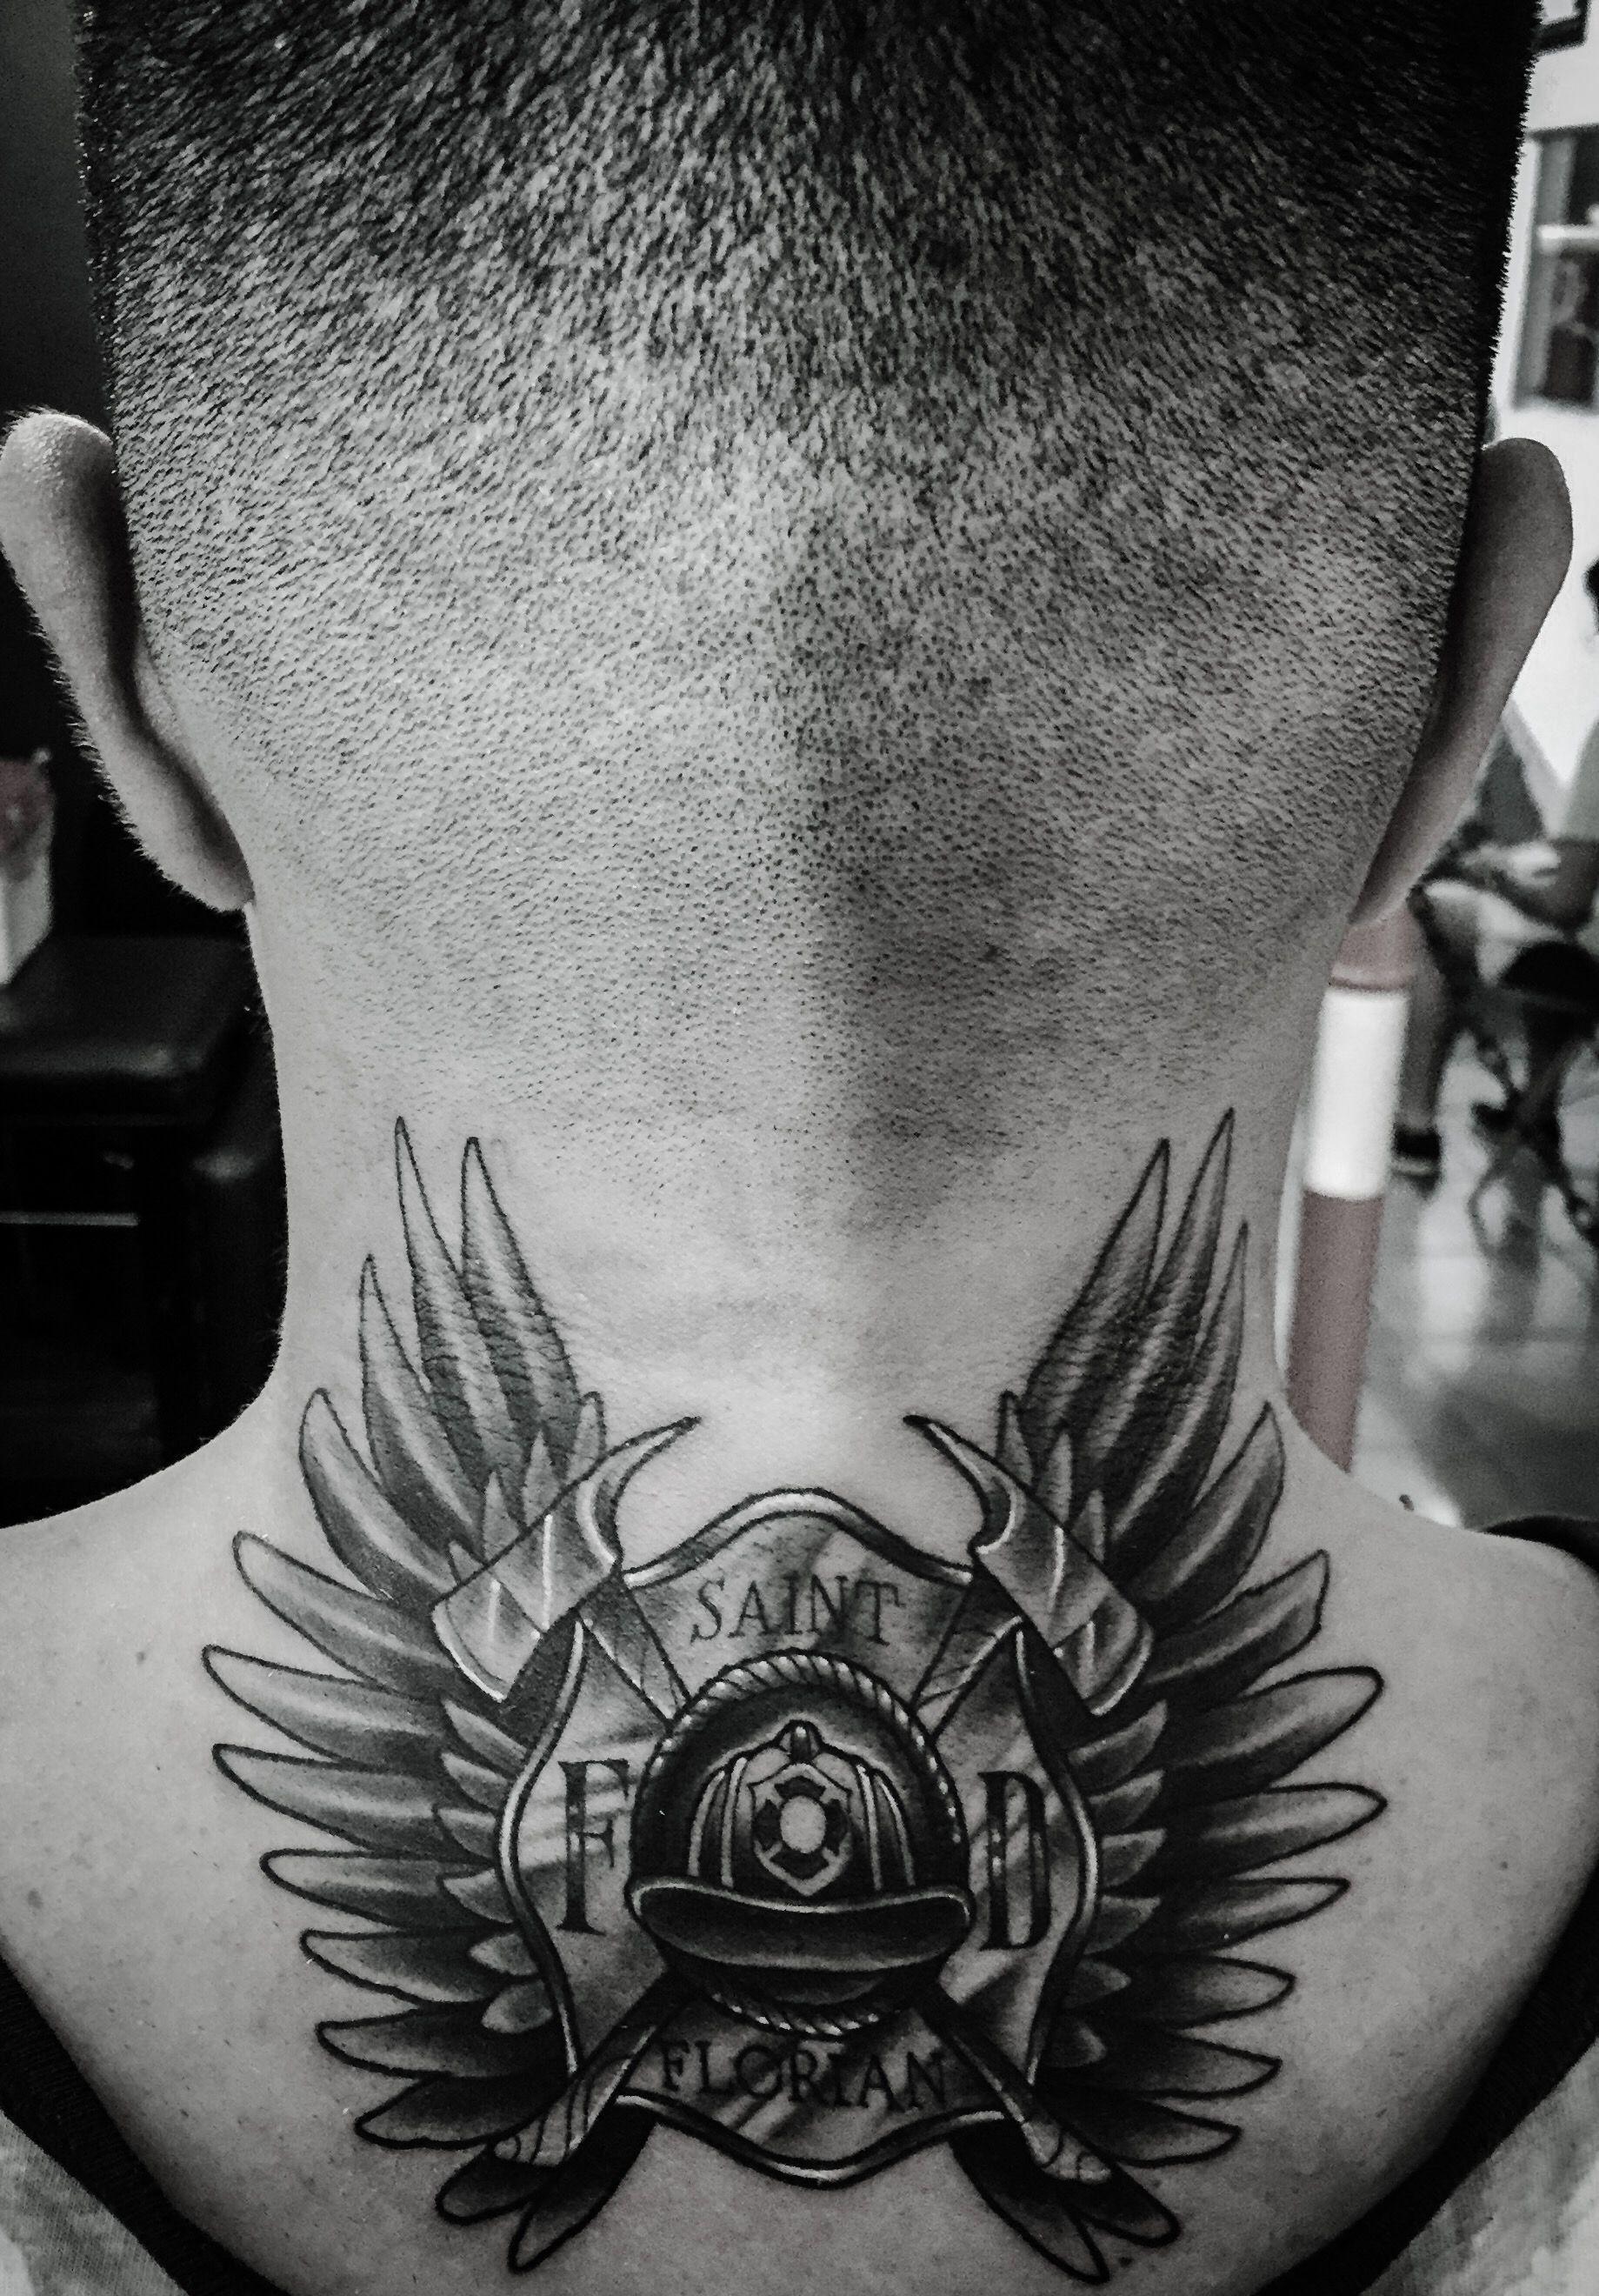 Firefighter Tattoo Saint Florian Fire Fighter Tattoos Firefighter Tattoo Fighter Tattoo